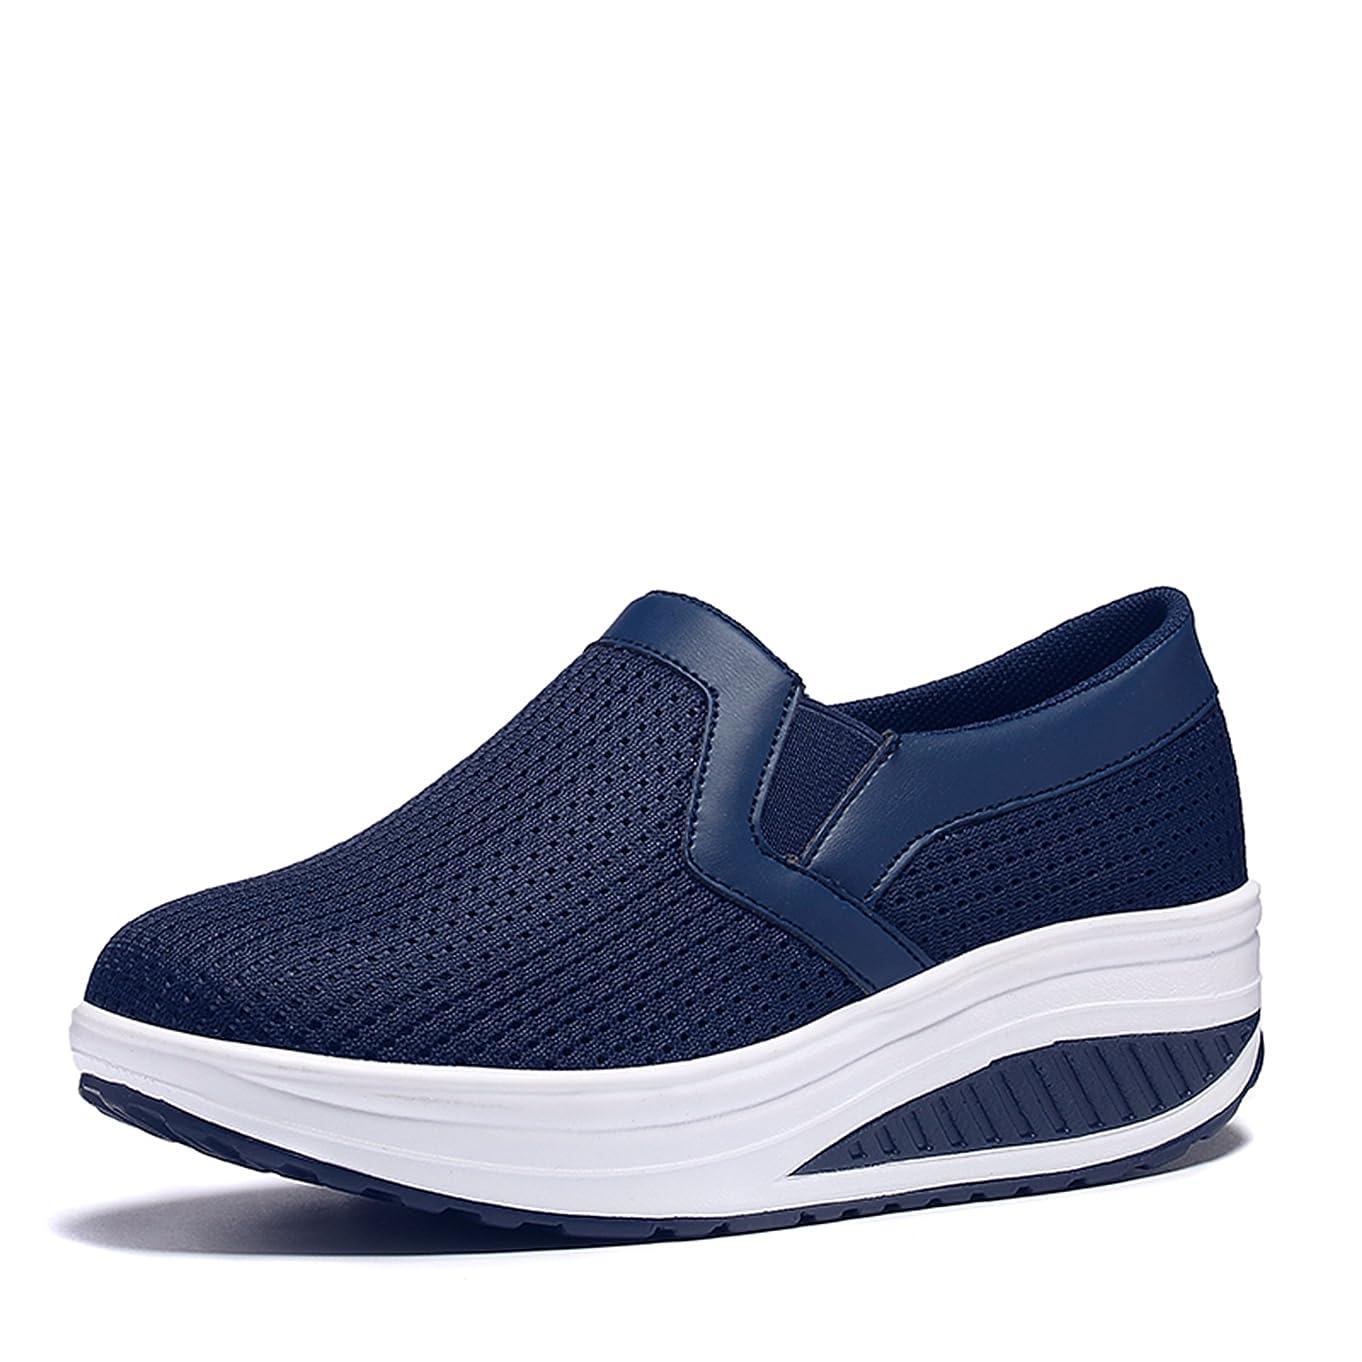 まさにオート設計図[Bornran] レディース 厚底 美脚 超軽量 姿勢矯正ダイエット アウトドアスリッポン エアクッション付き スリップオン 船型底ナースシューズ 痛くない 疲れにくいスポーツスニーカー ローファー ウォーキングシューズ 看護師 作業靴 疲れにくい